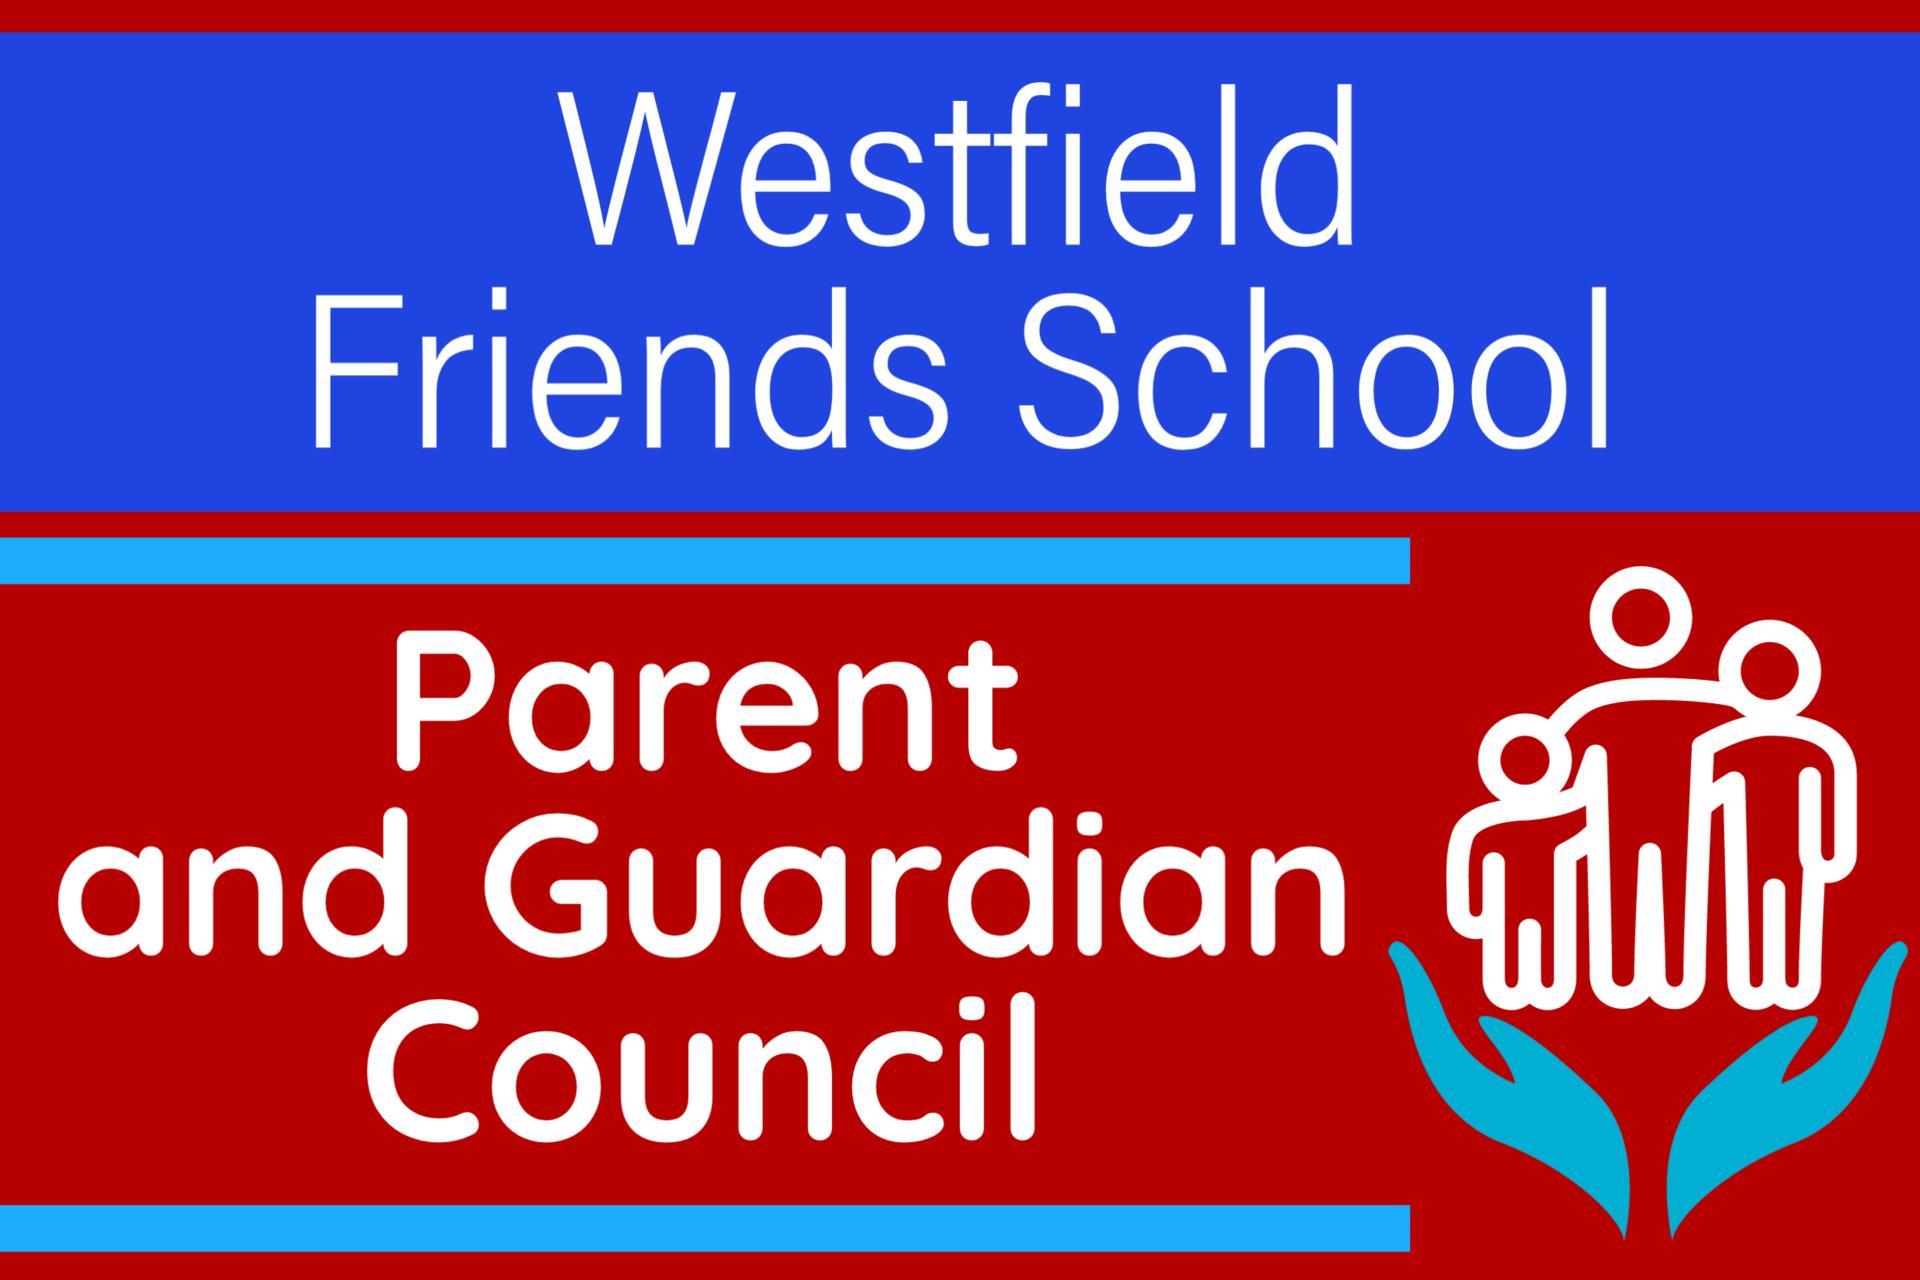 WFS Parent and Gaurdian Council